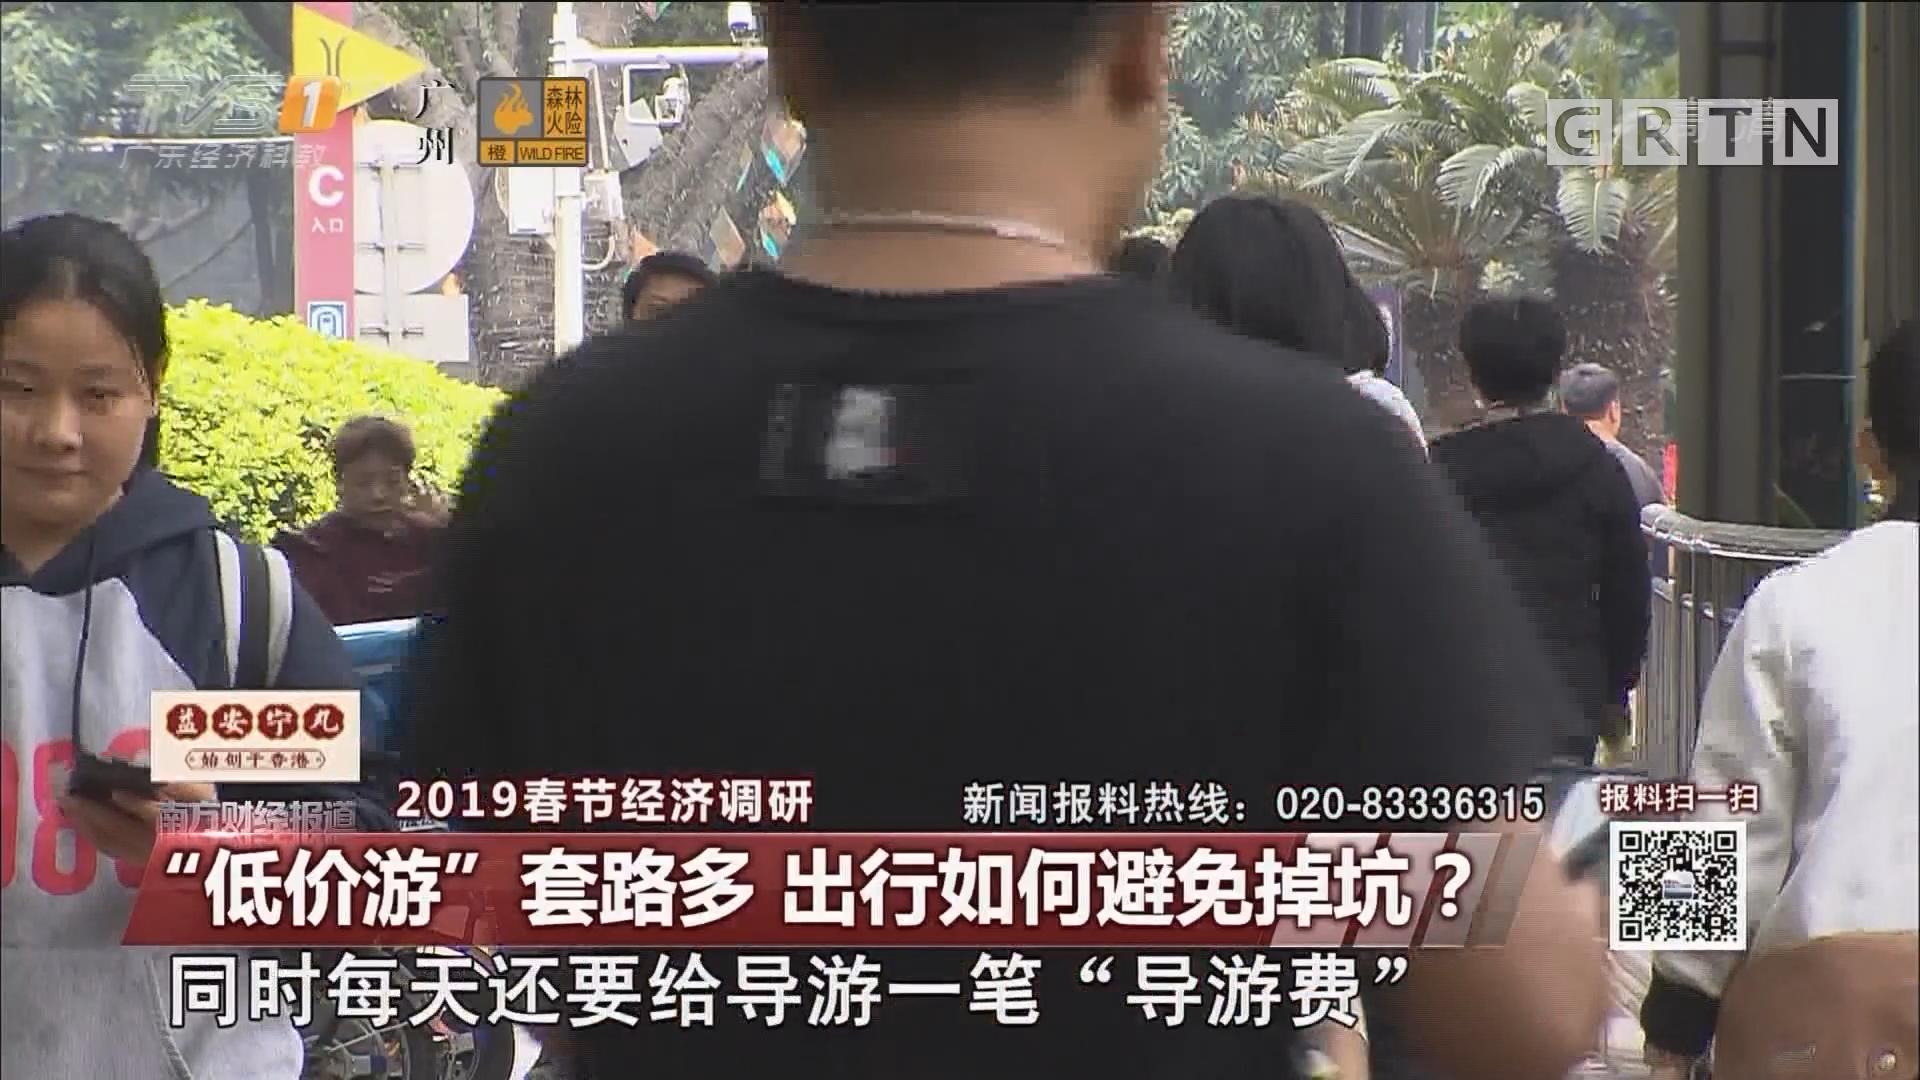 """2019春节经济调研:""""低价游""""套路多 出行如何避免掉坑?"""